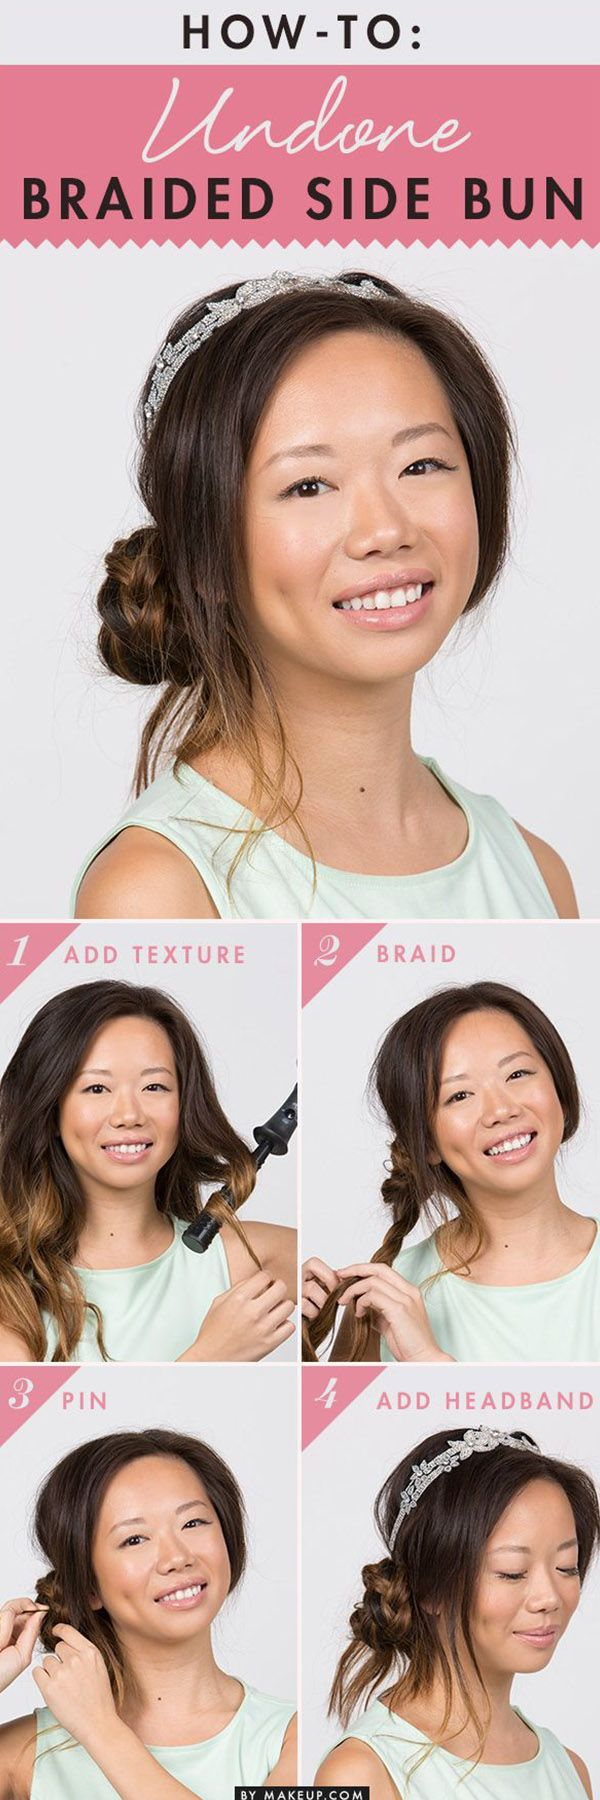 Undone Braided Side Bun - 11 Summer Hair Buns